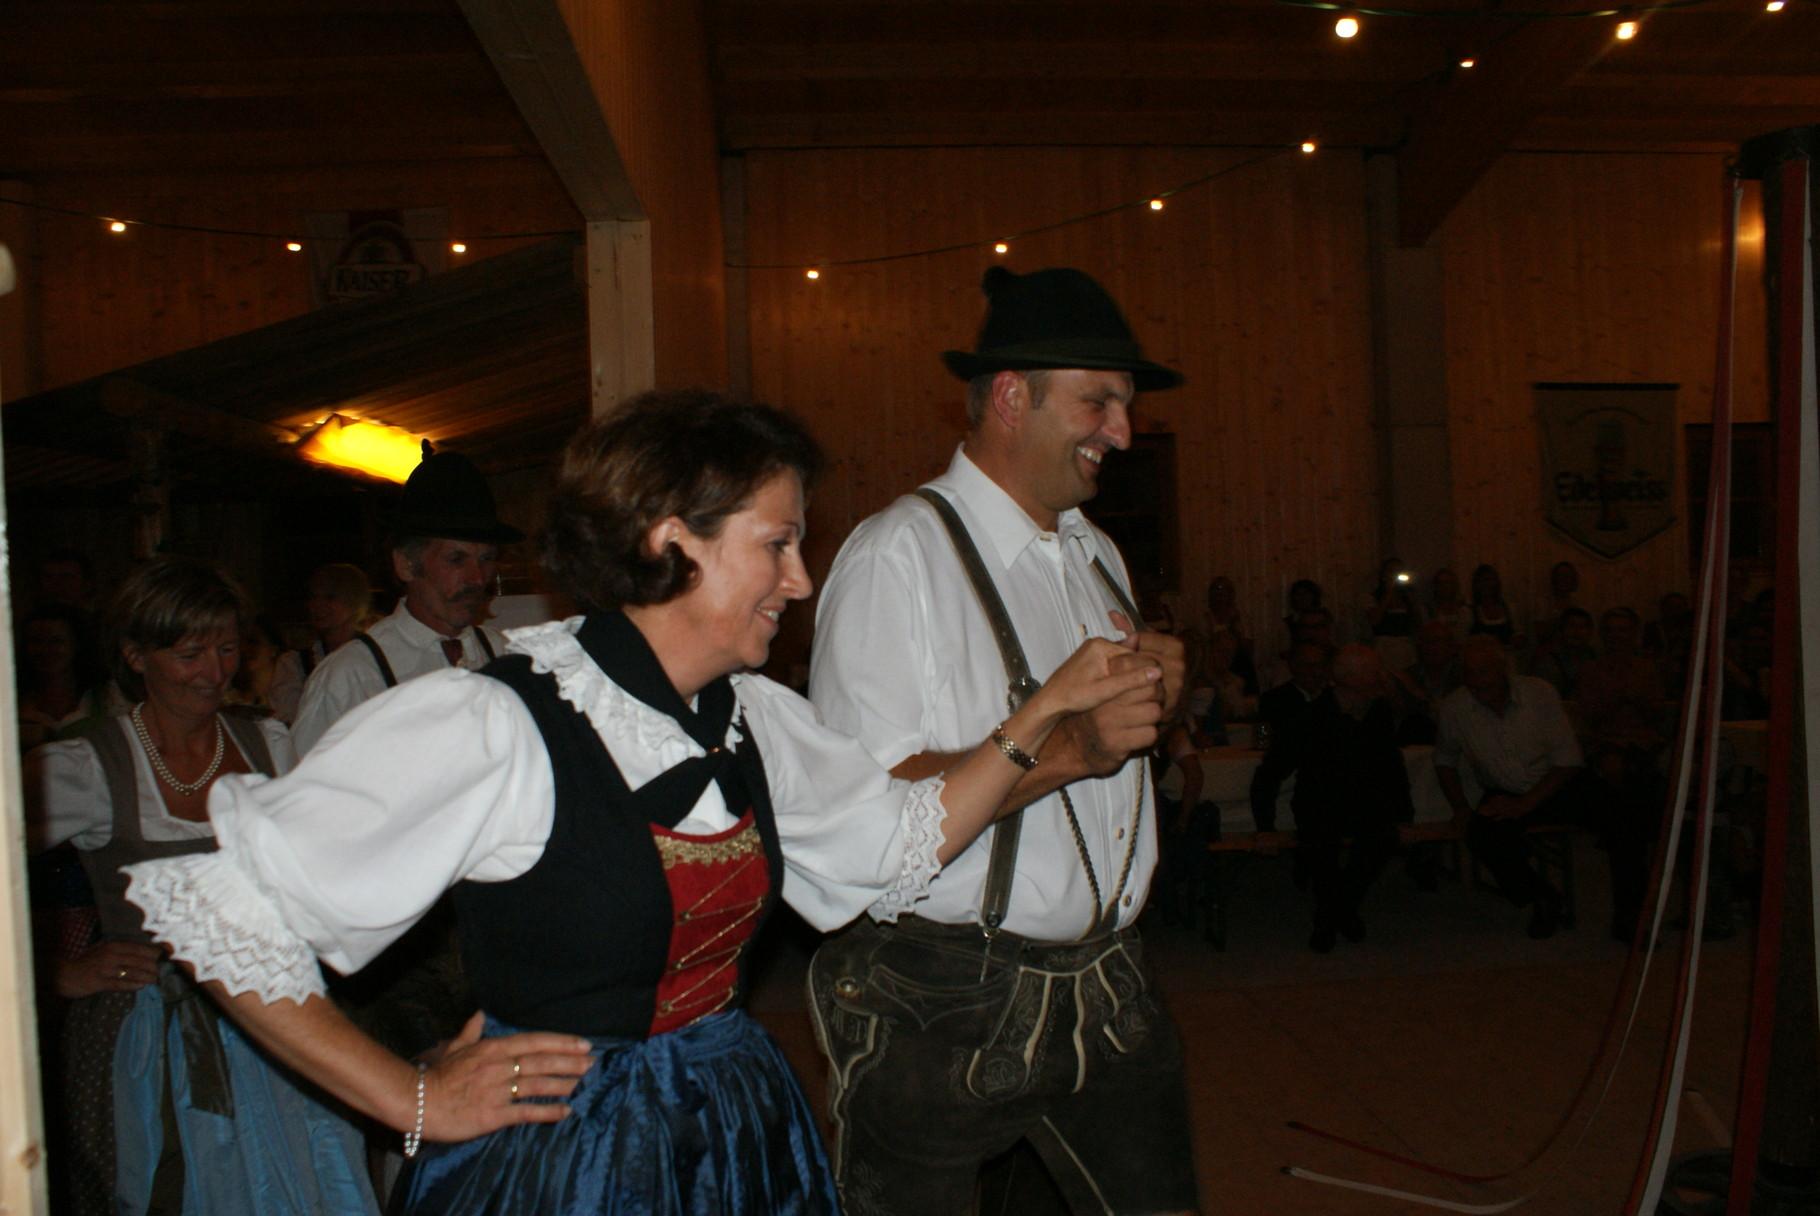 Ehemalige Mitglieder des HV Kuchl - Heimatabend im Rahmen unseres 60-jährigen Bestandsjubiläum